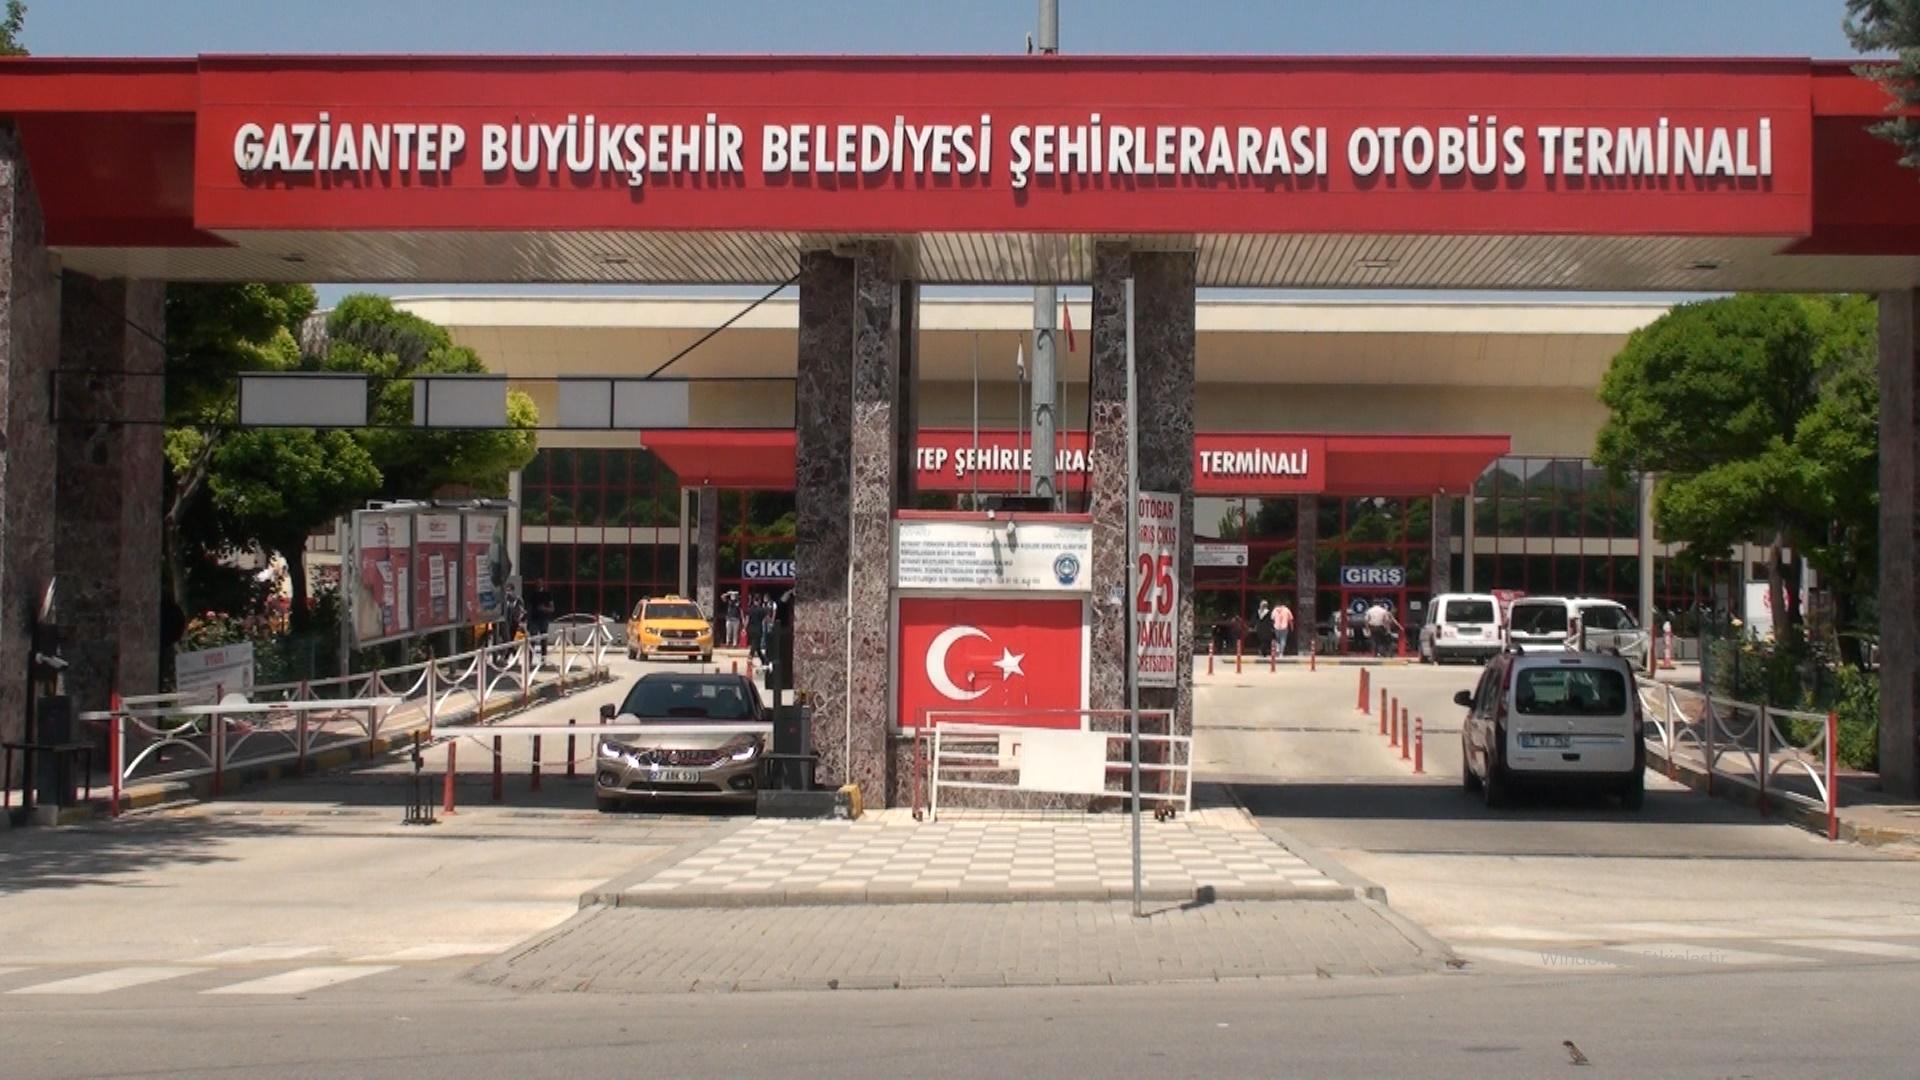 Gaziantep'te normalleşme de ilk gün nasıl yaşandı